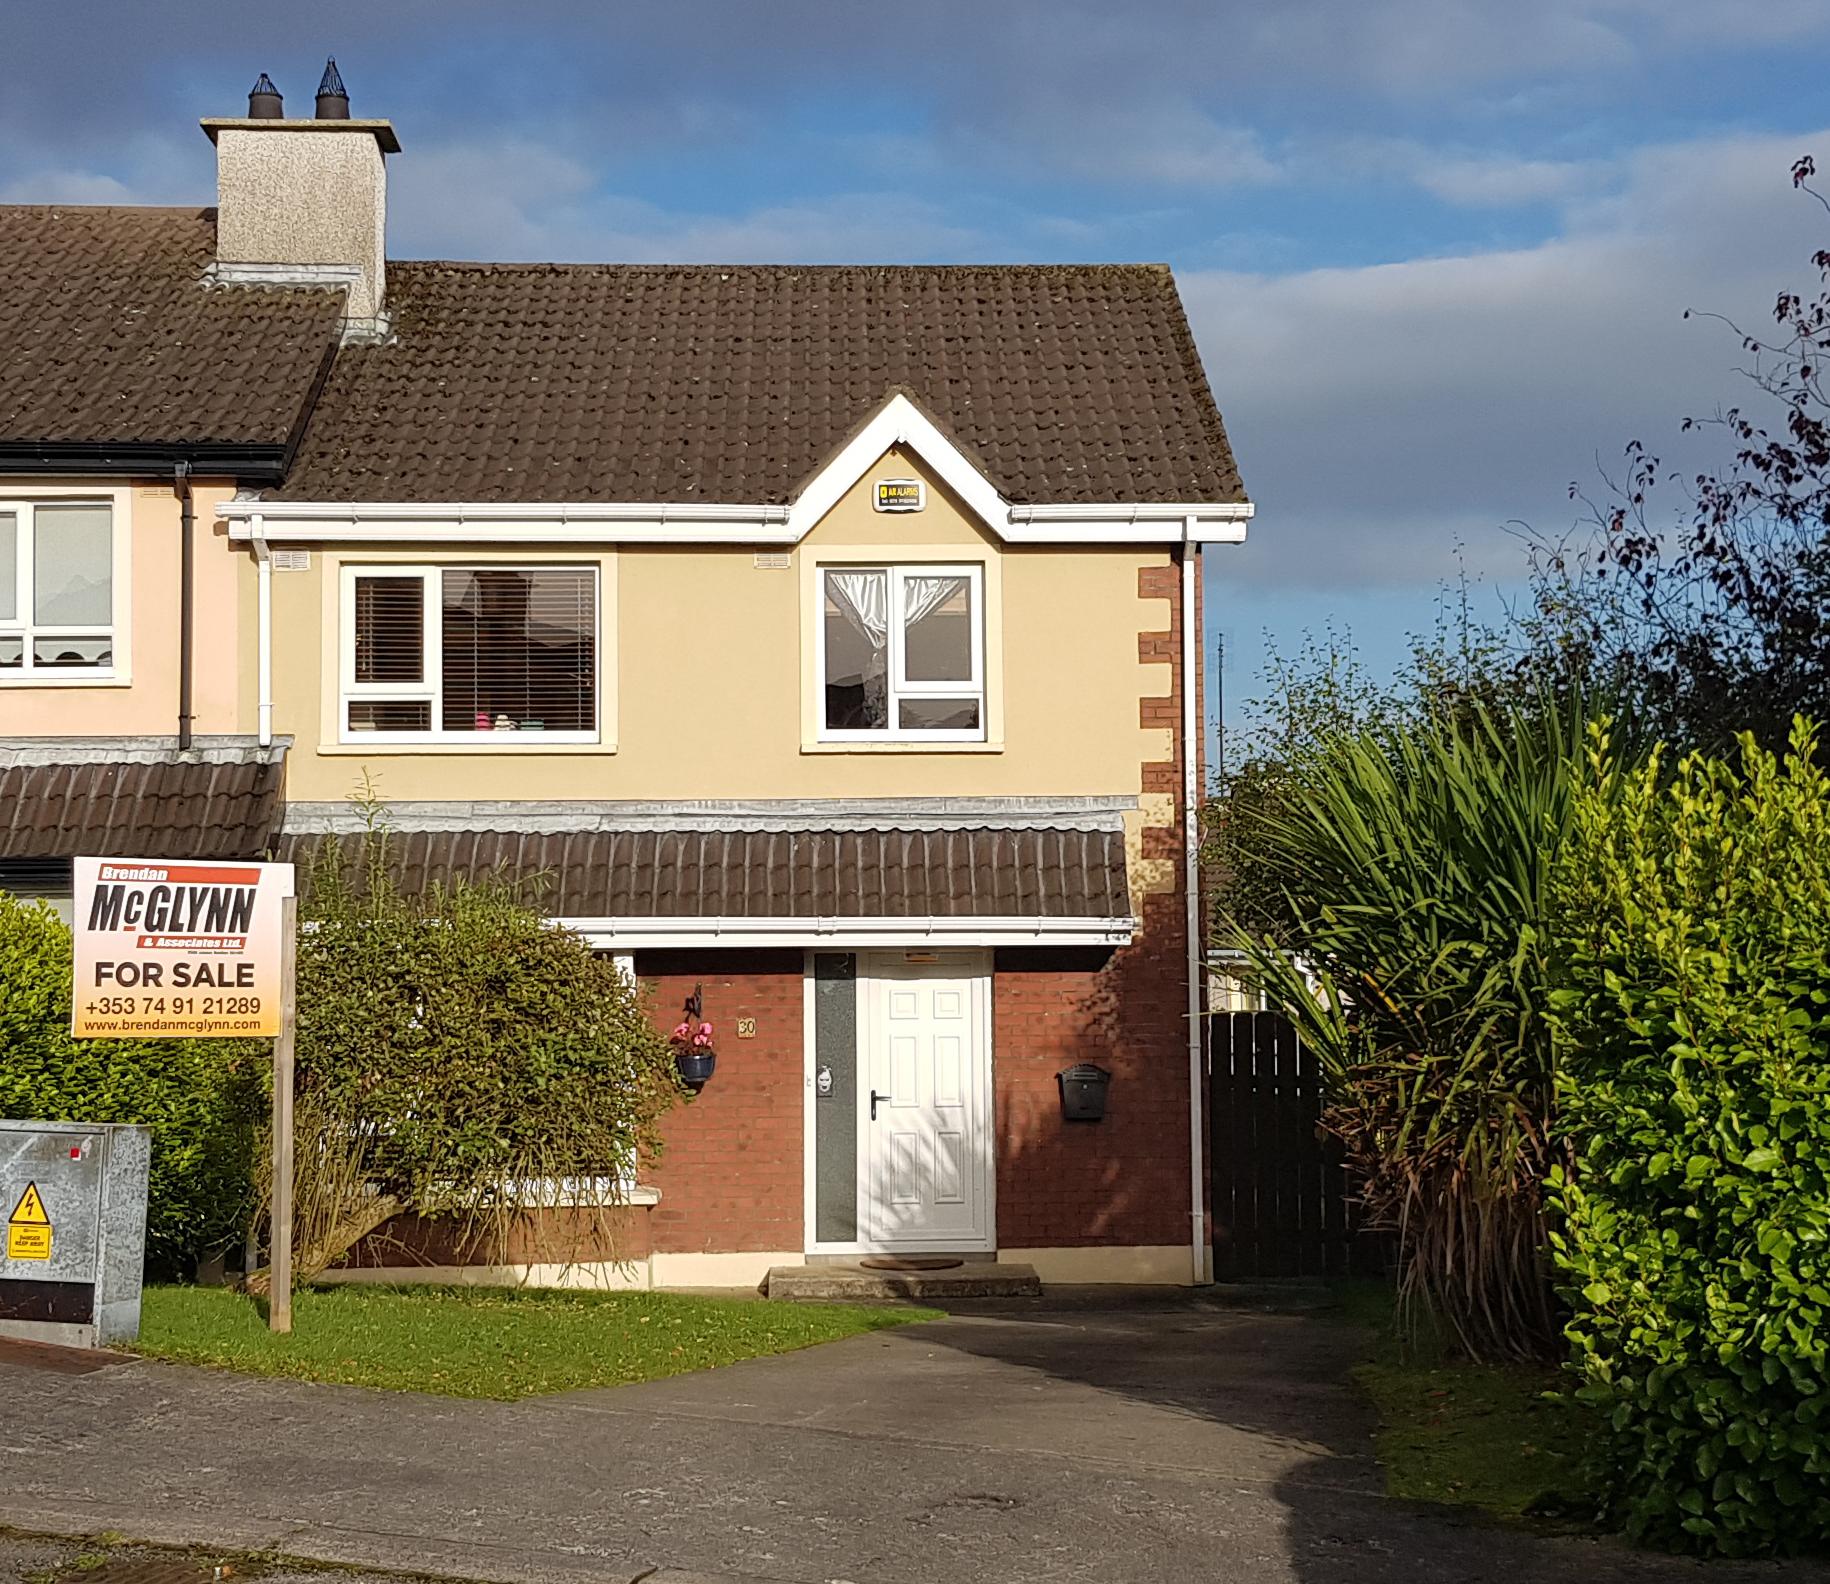 30 Hazelbrook Crescent, Letterkenny, Co. Donegal, F92 V1Y6